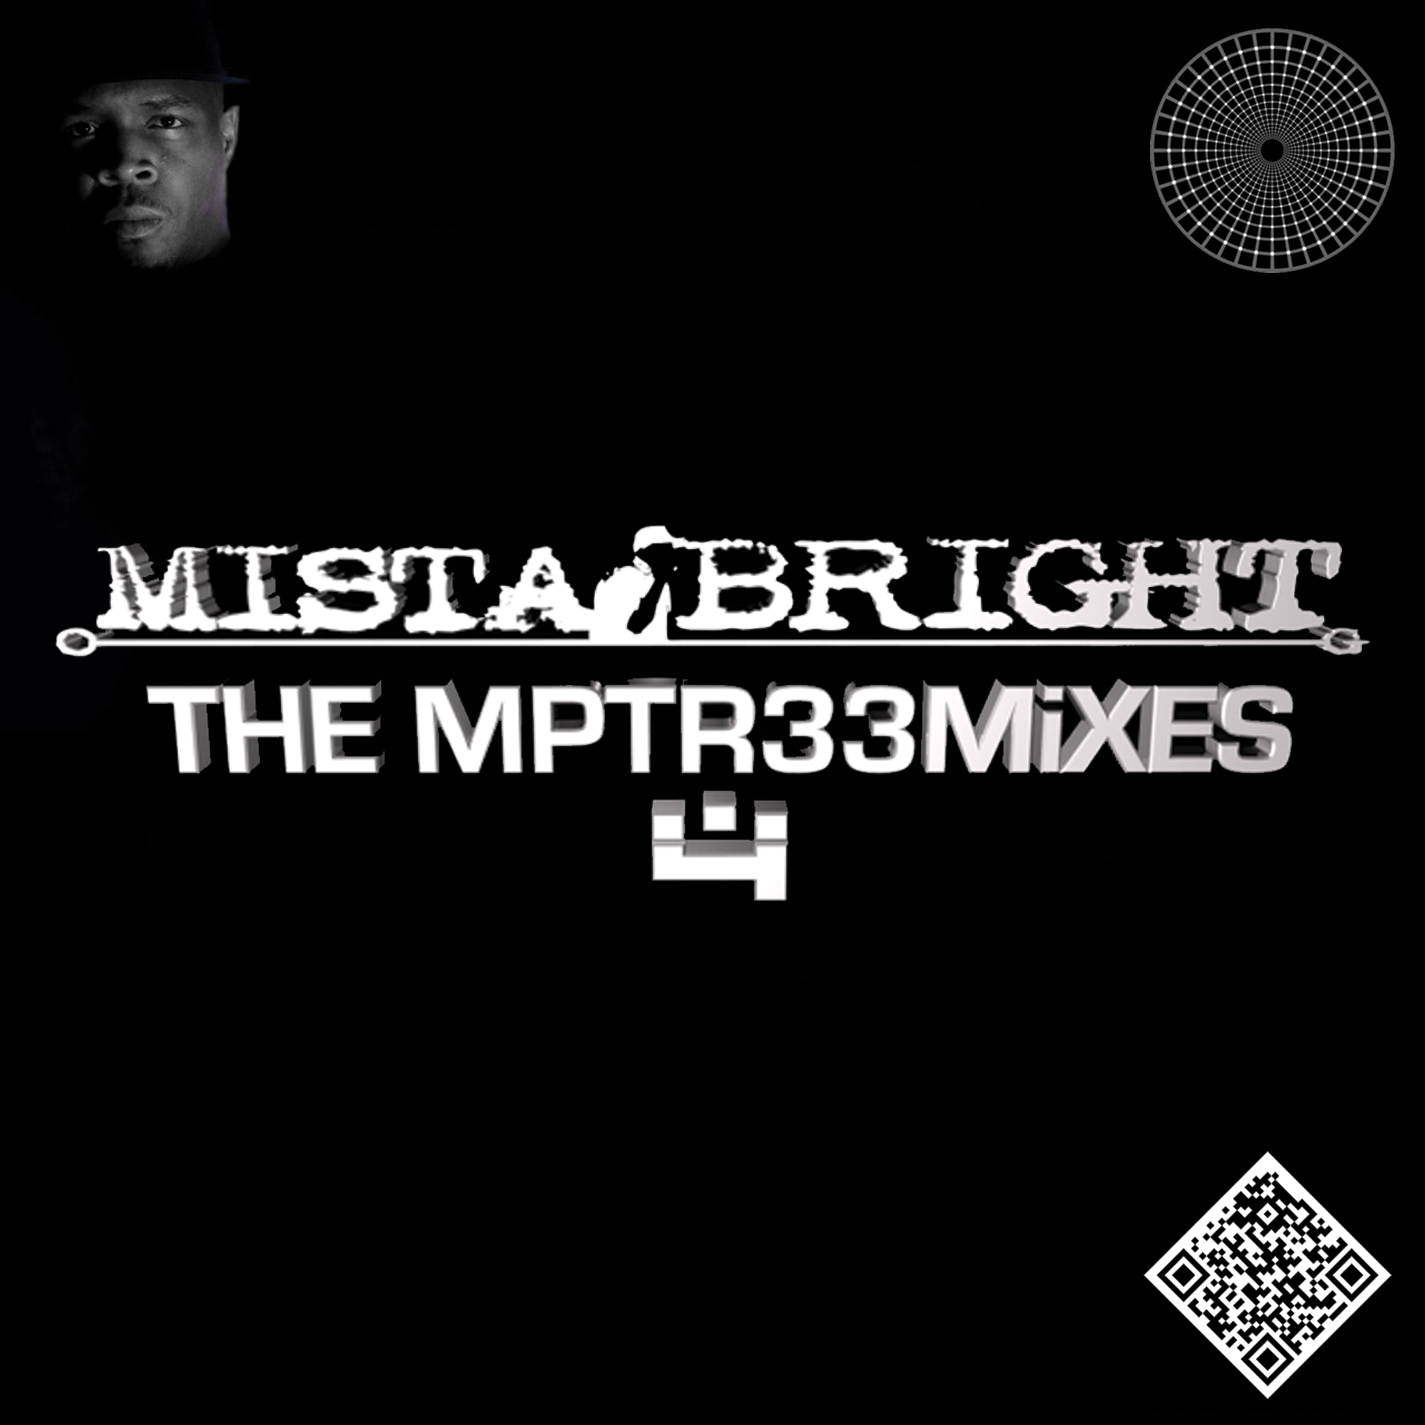 THE MPTR33MIXES VOL 4